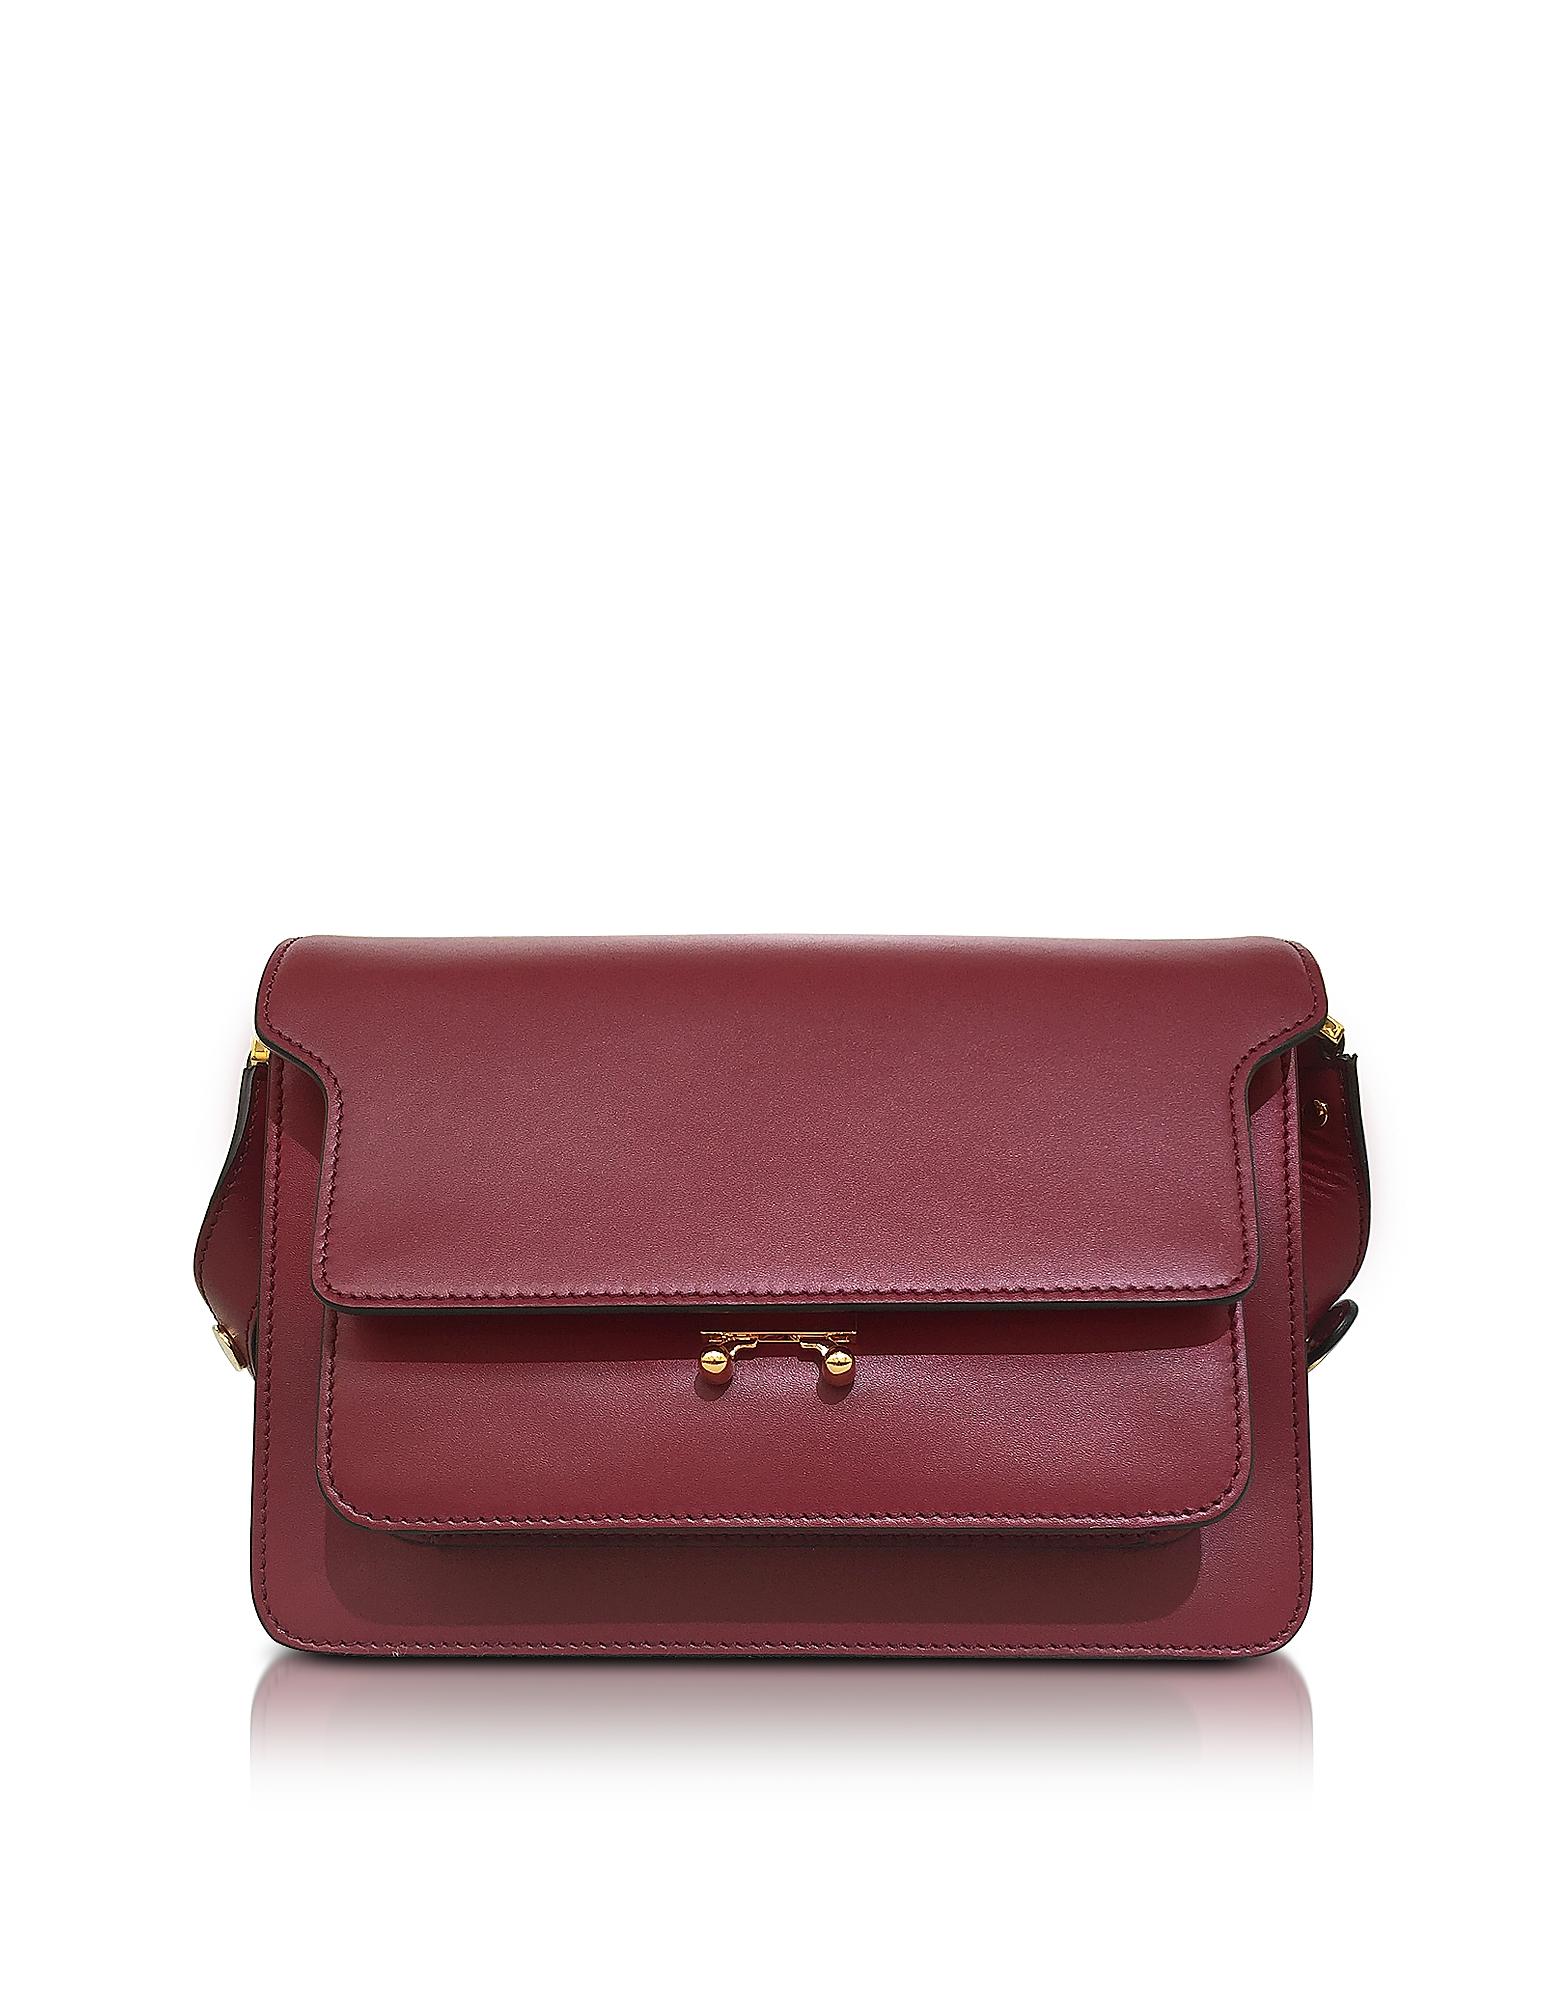 Marni Trunk Bag - Темно-вишневая Кожаная Сумка